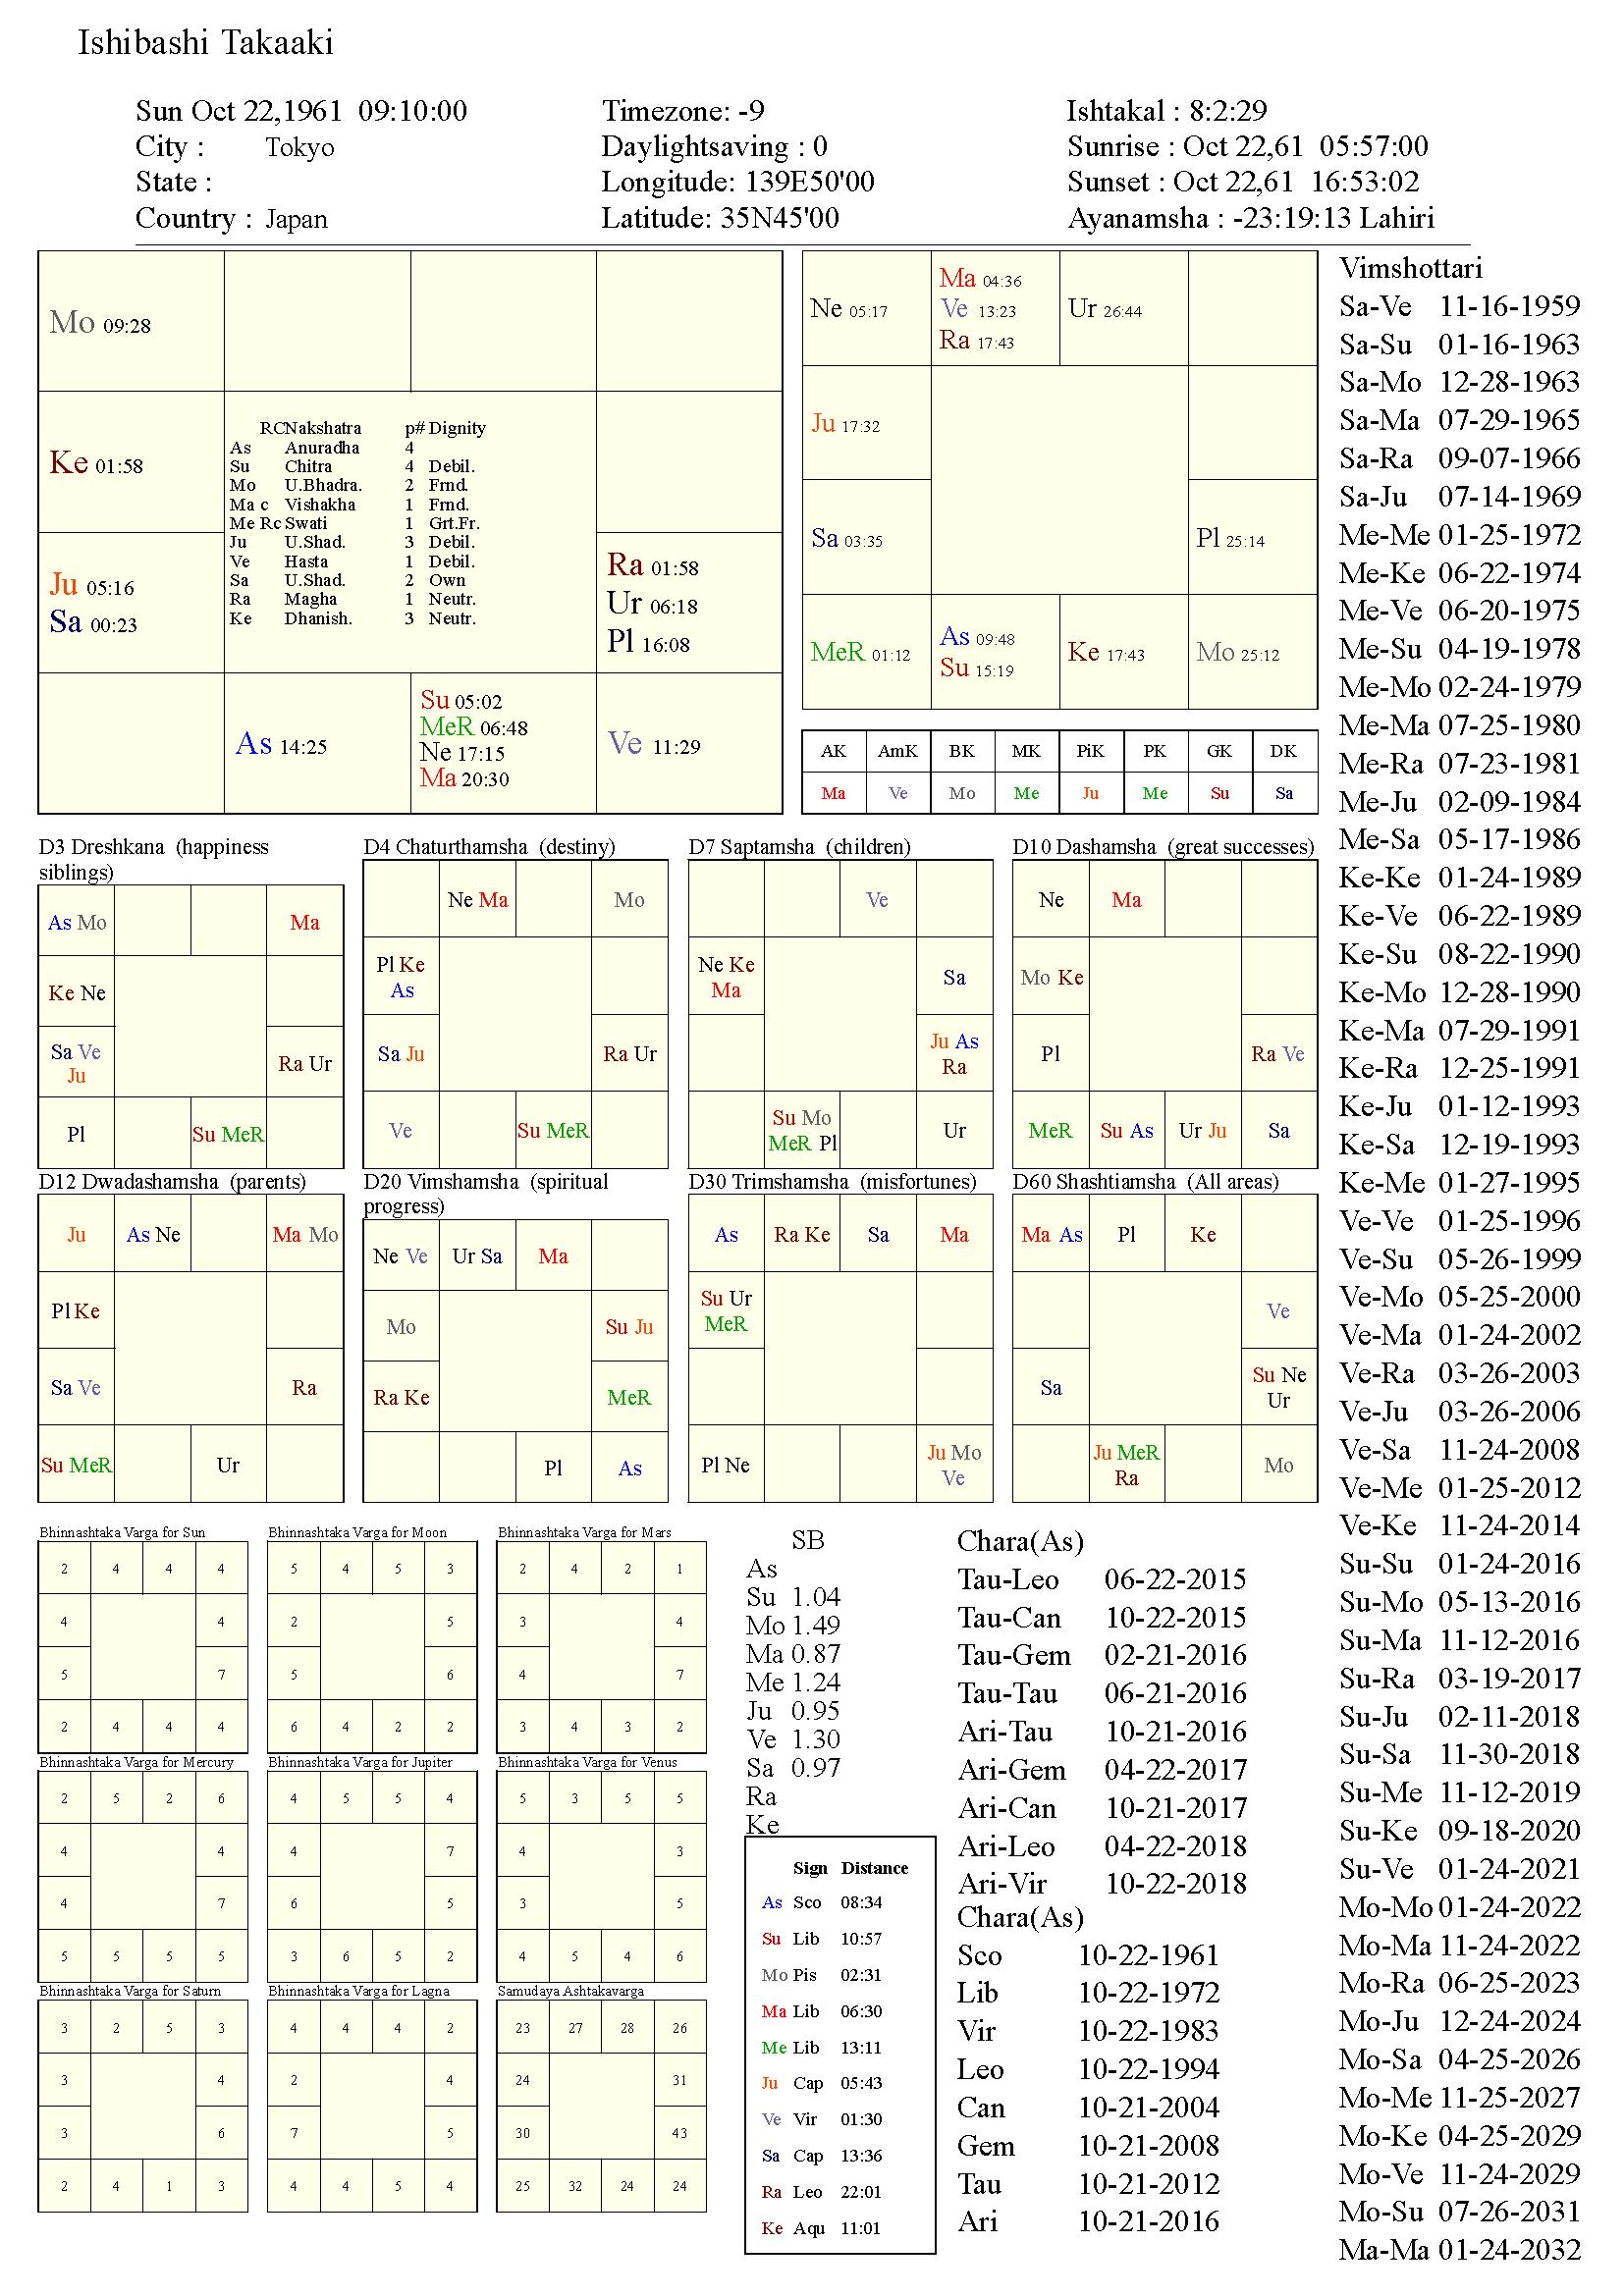 ishibashitakaaki_chart